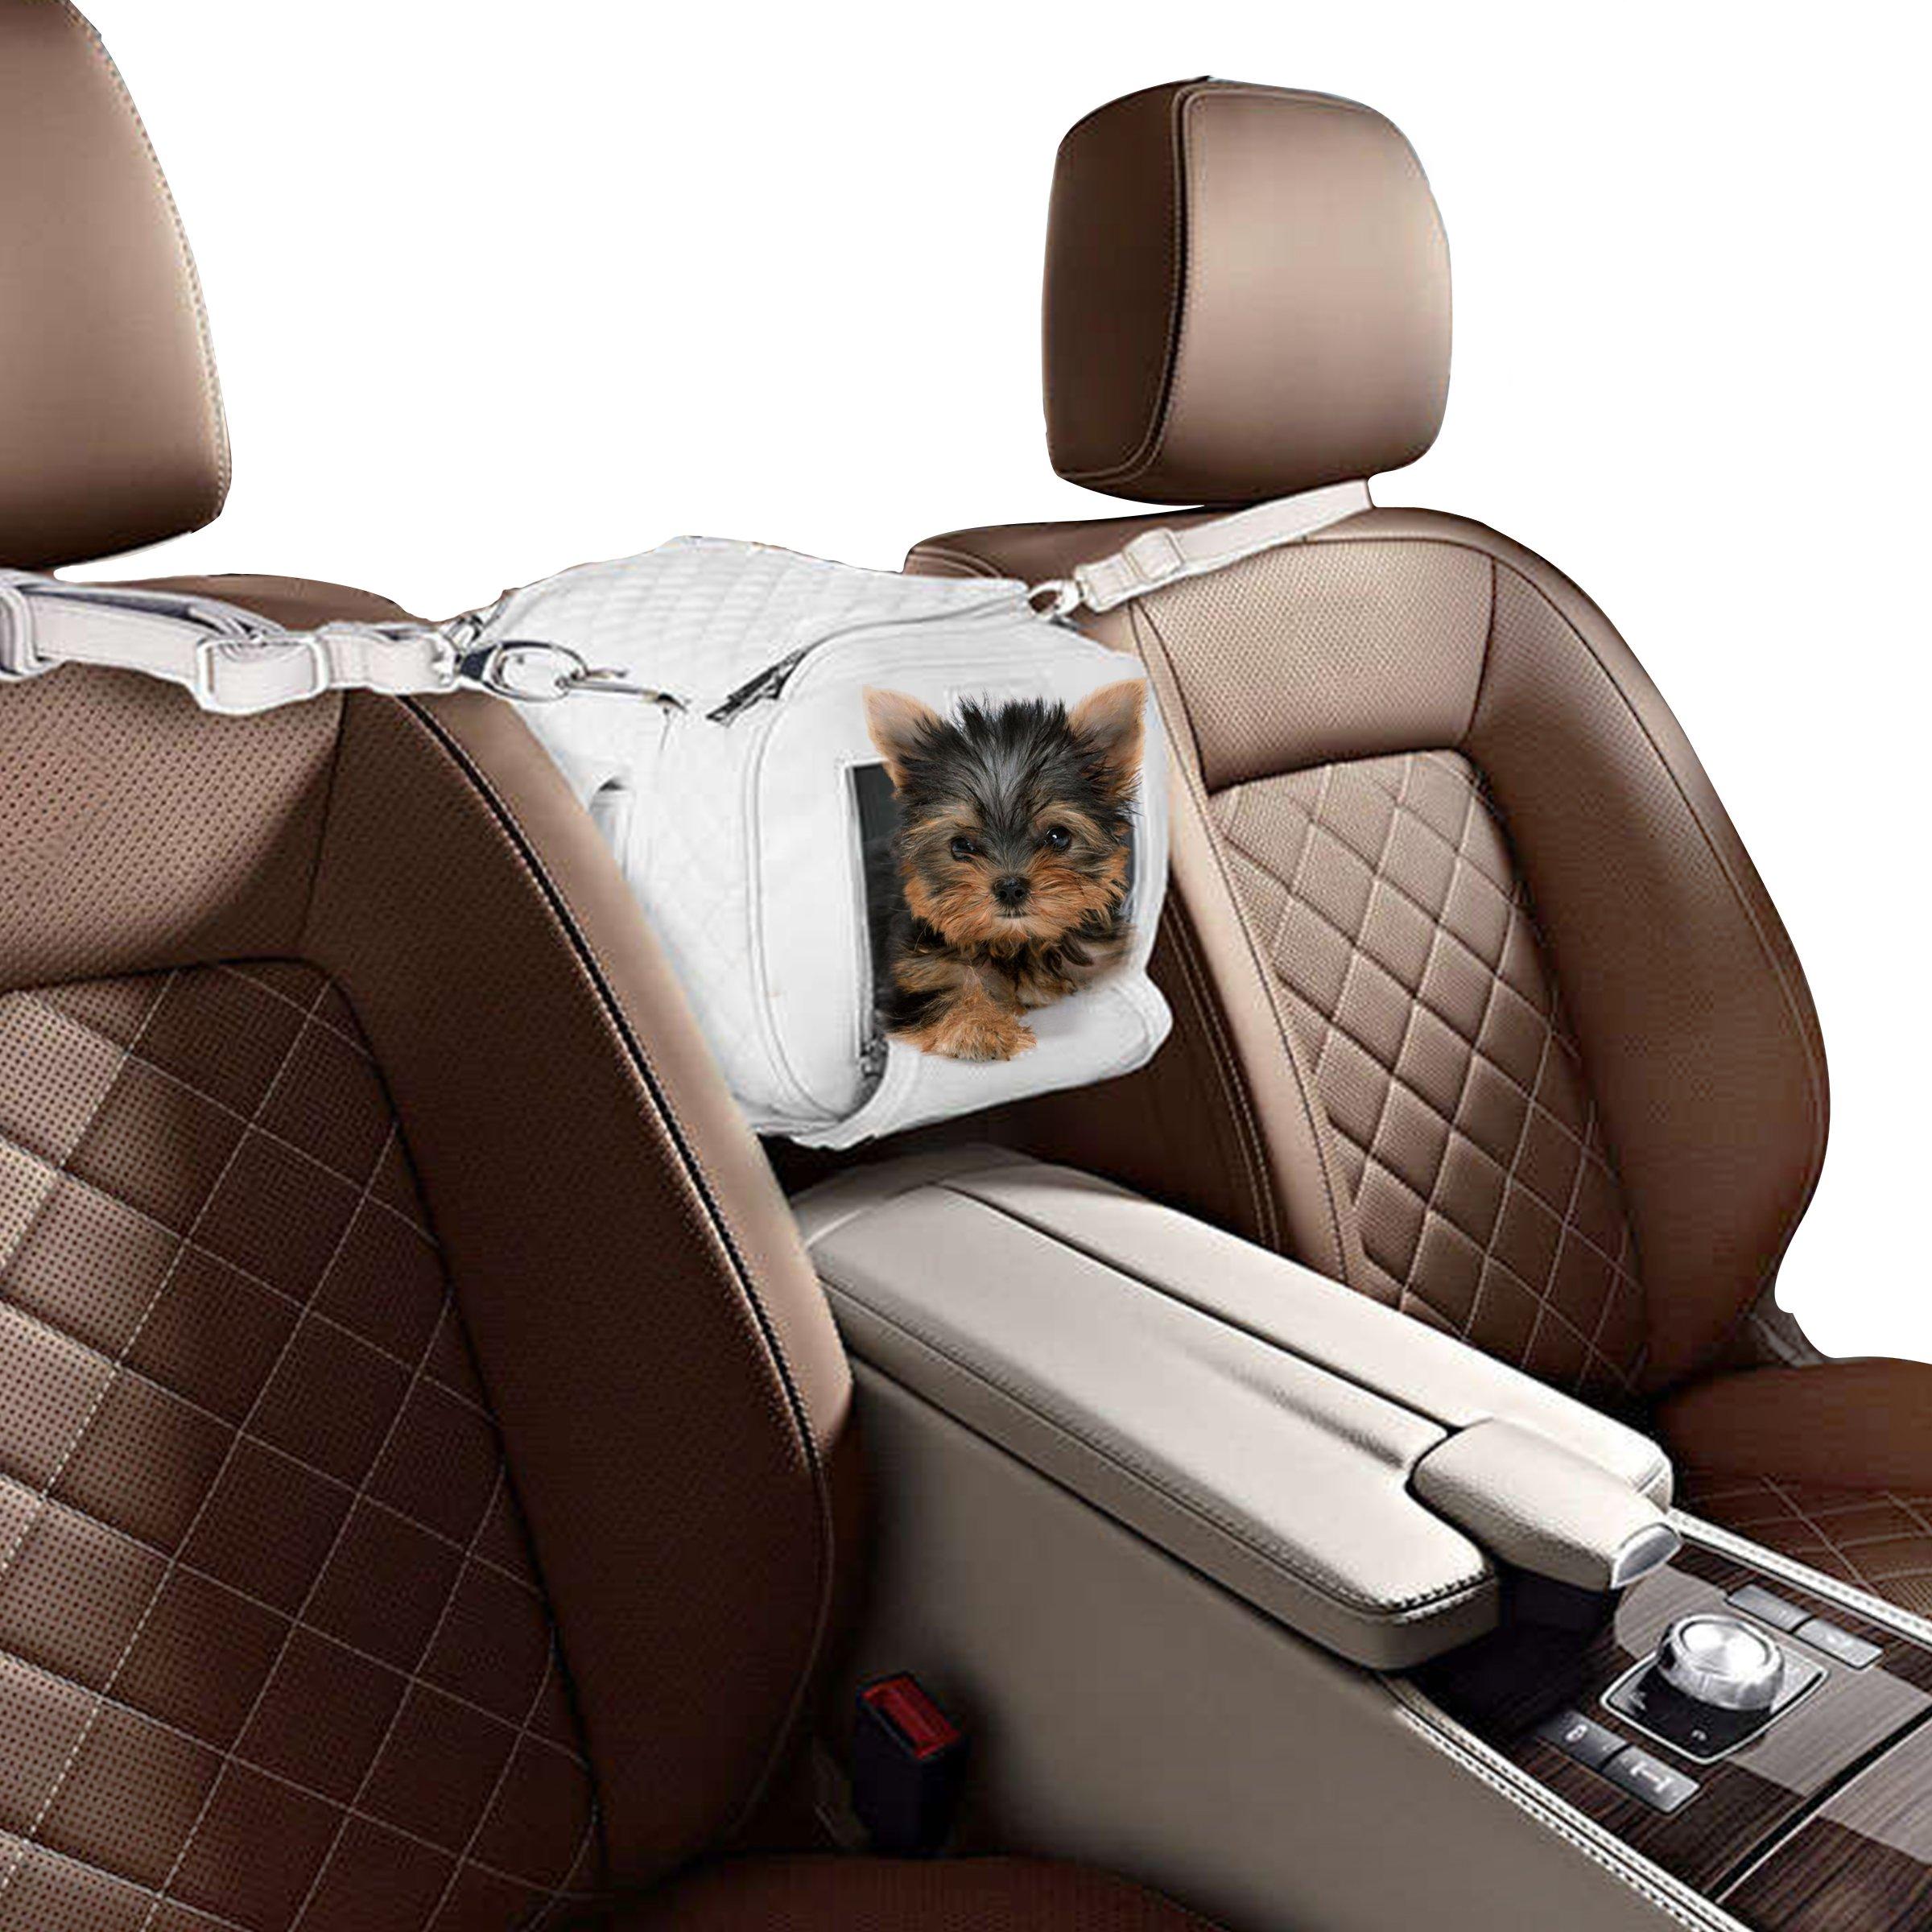 ZuGoPet Jetsetter small - Airport approved dog bag, soft sided pet carrier, travel bag, Dog Carrier, Airline compliant Pet Bag, Dog car seat, dog Handbag, Dog Purse, Pet Bag, Cat Bag (SNOW WHITE)